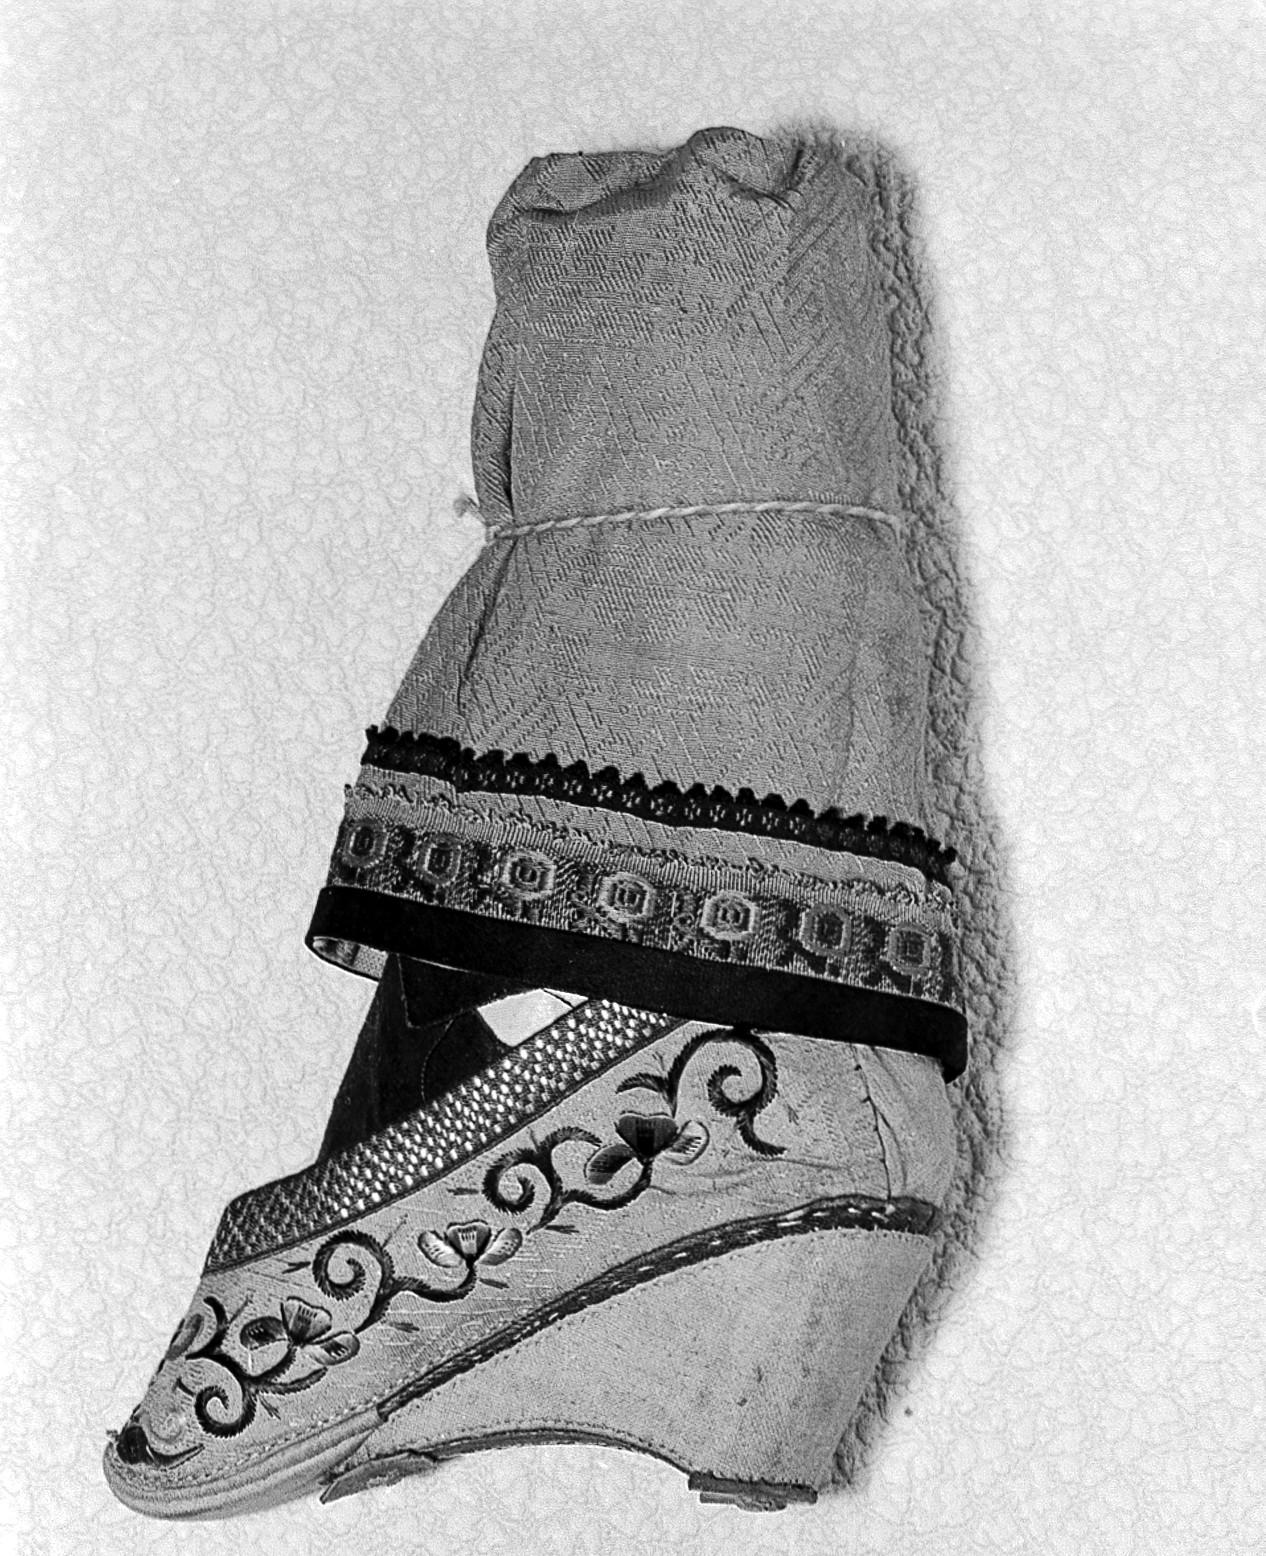 File:Foot Binding; Women's Shoe, China Wellcome L0005078